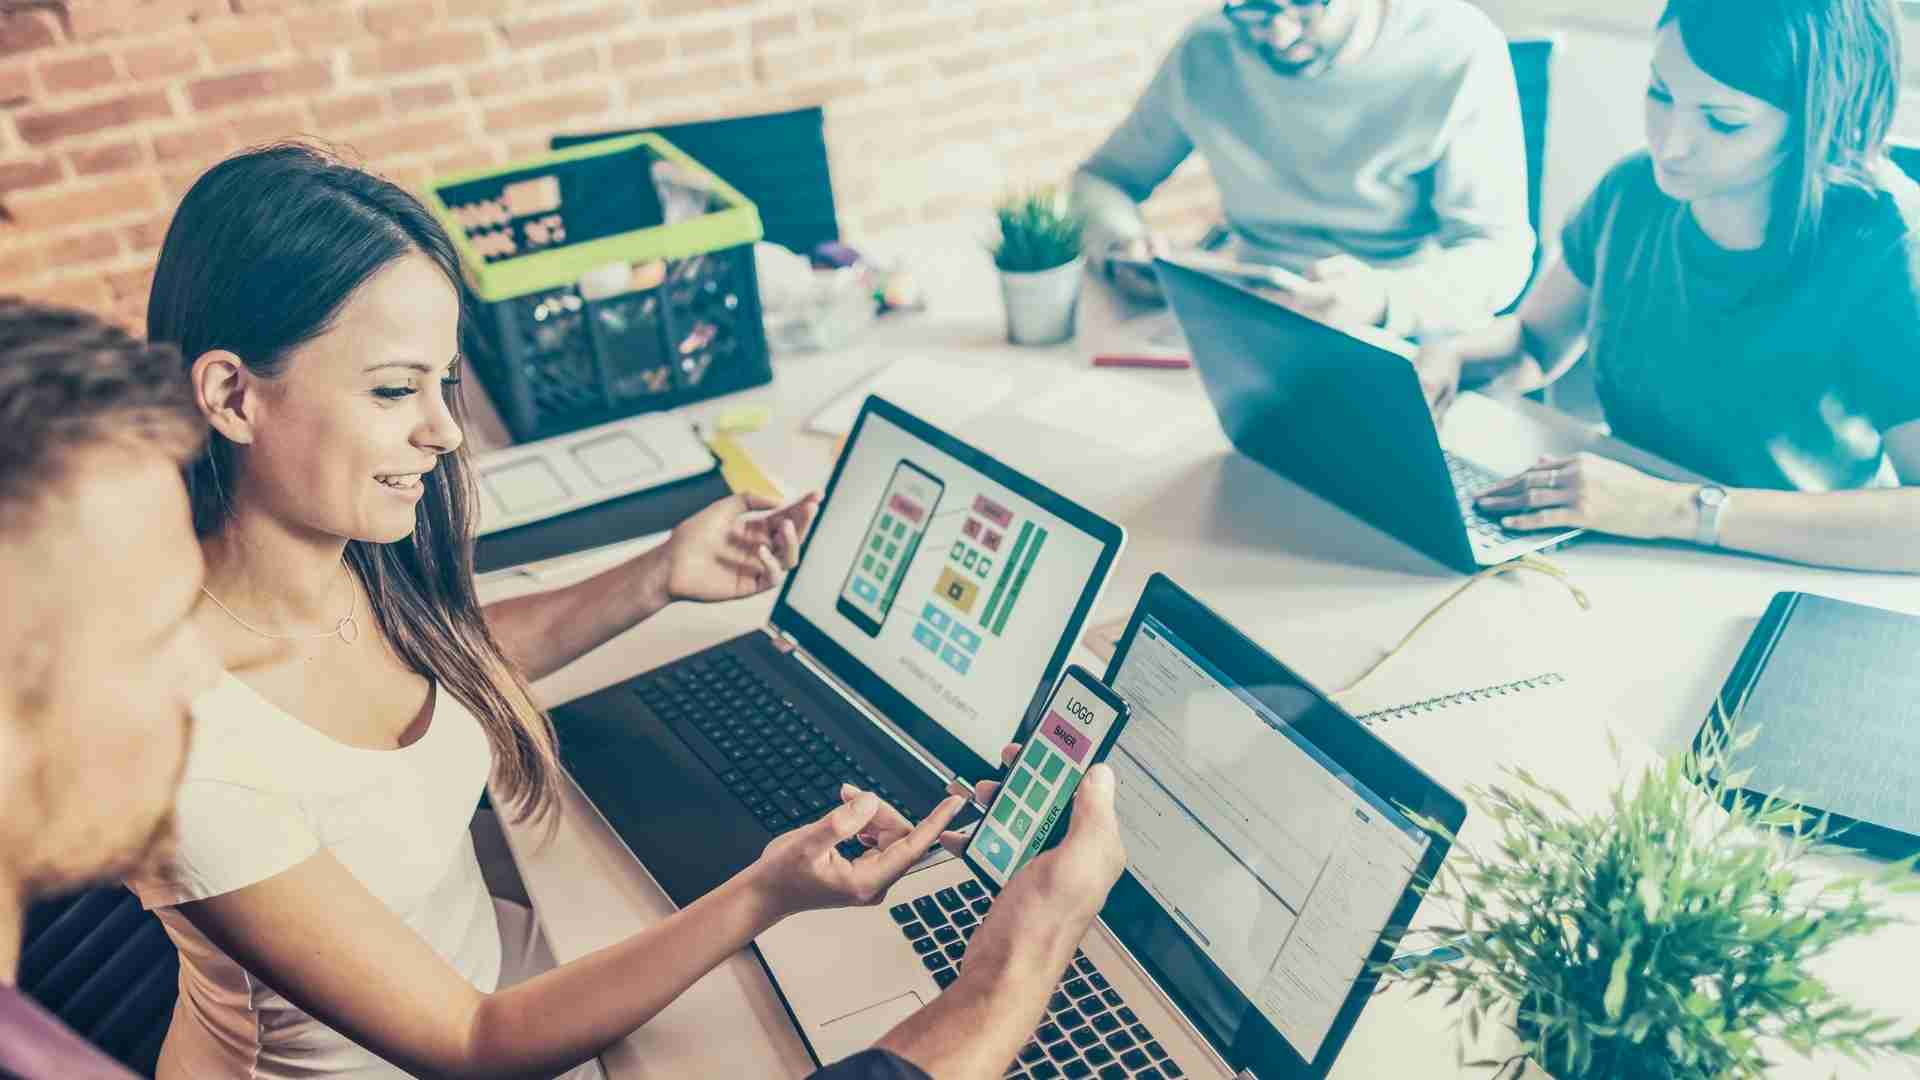 ventajas competitivas de Acumatica - Aumenta la eficiencia de tus actividades desde la nube y genera el control que necesitas a lado de socios de negocio ClandBus